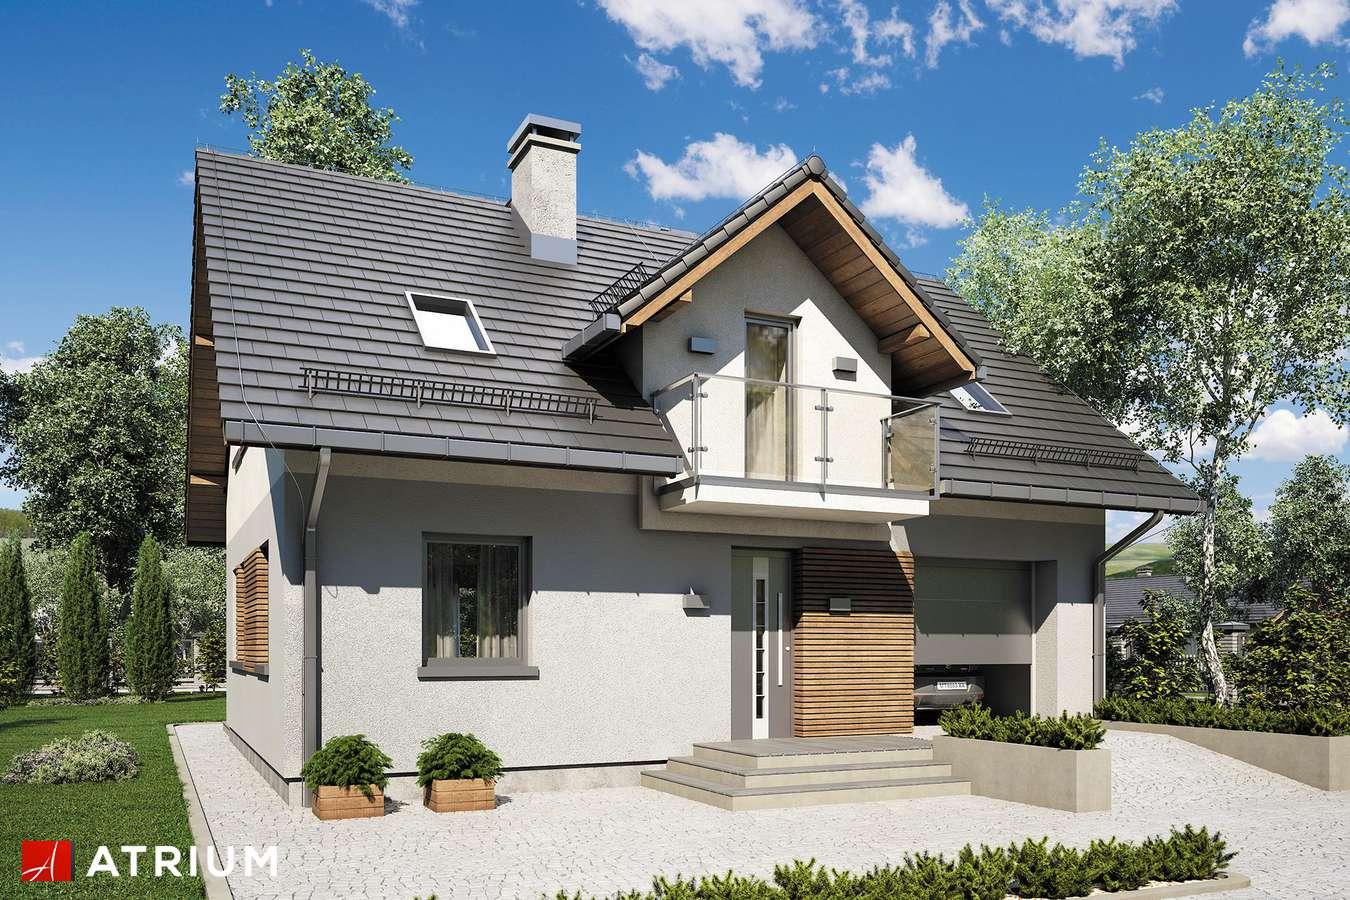 Projekty domów - Projekt domu z poddaszem COMPACT HOUSE III - wizualizacja 1 - wersja lustrzana